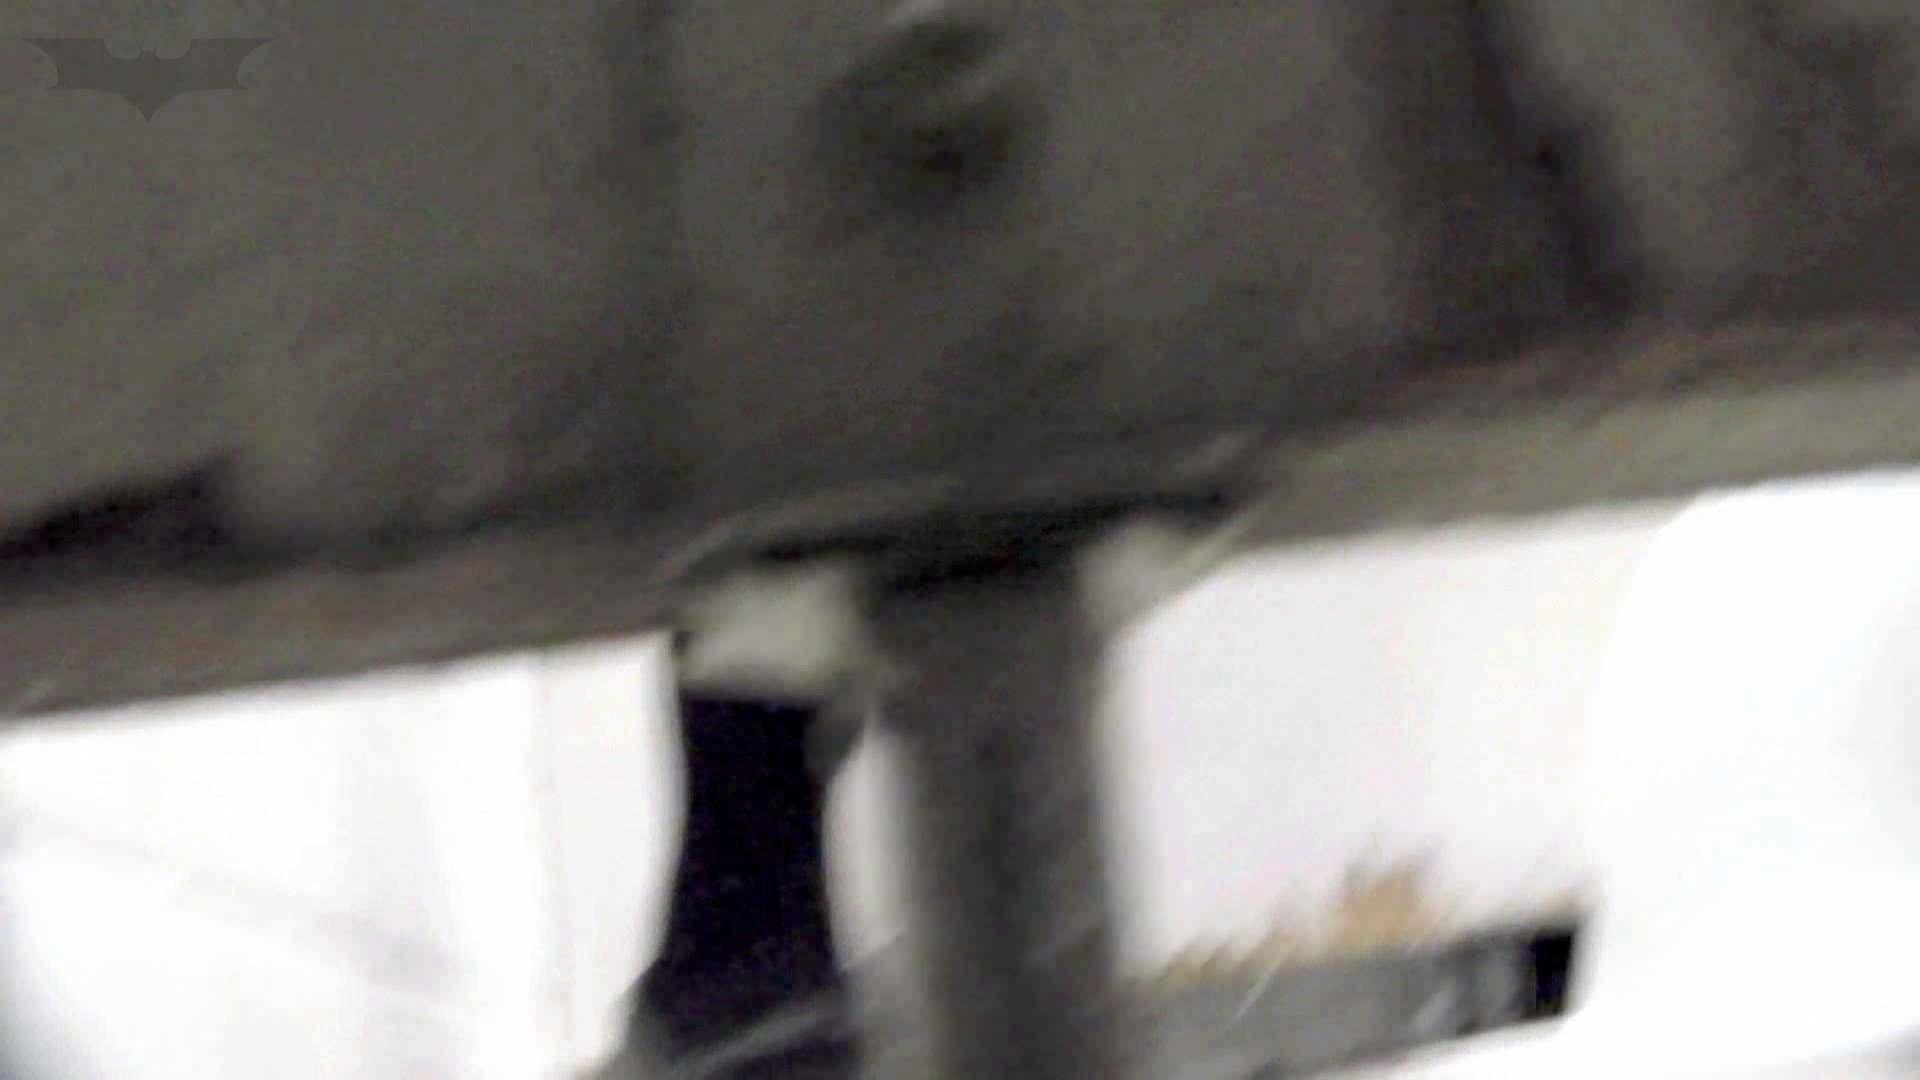 洗面所特攻隊 vol.74 last 2総勢16名激撮【2015・29位】 洗面所  85PIX 56